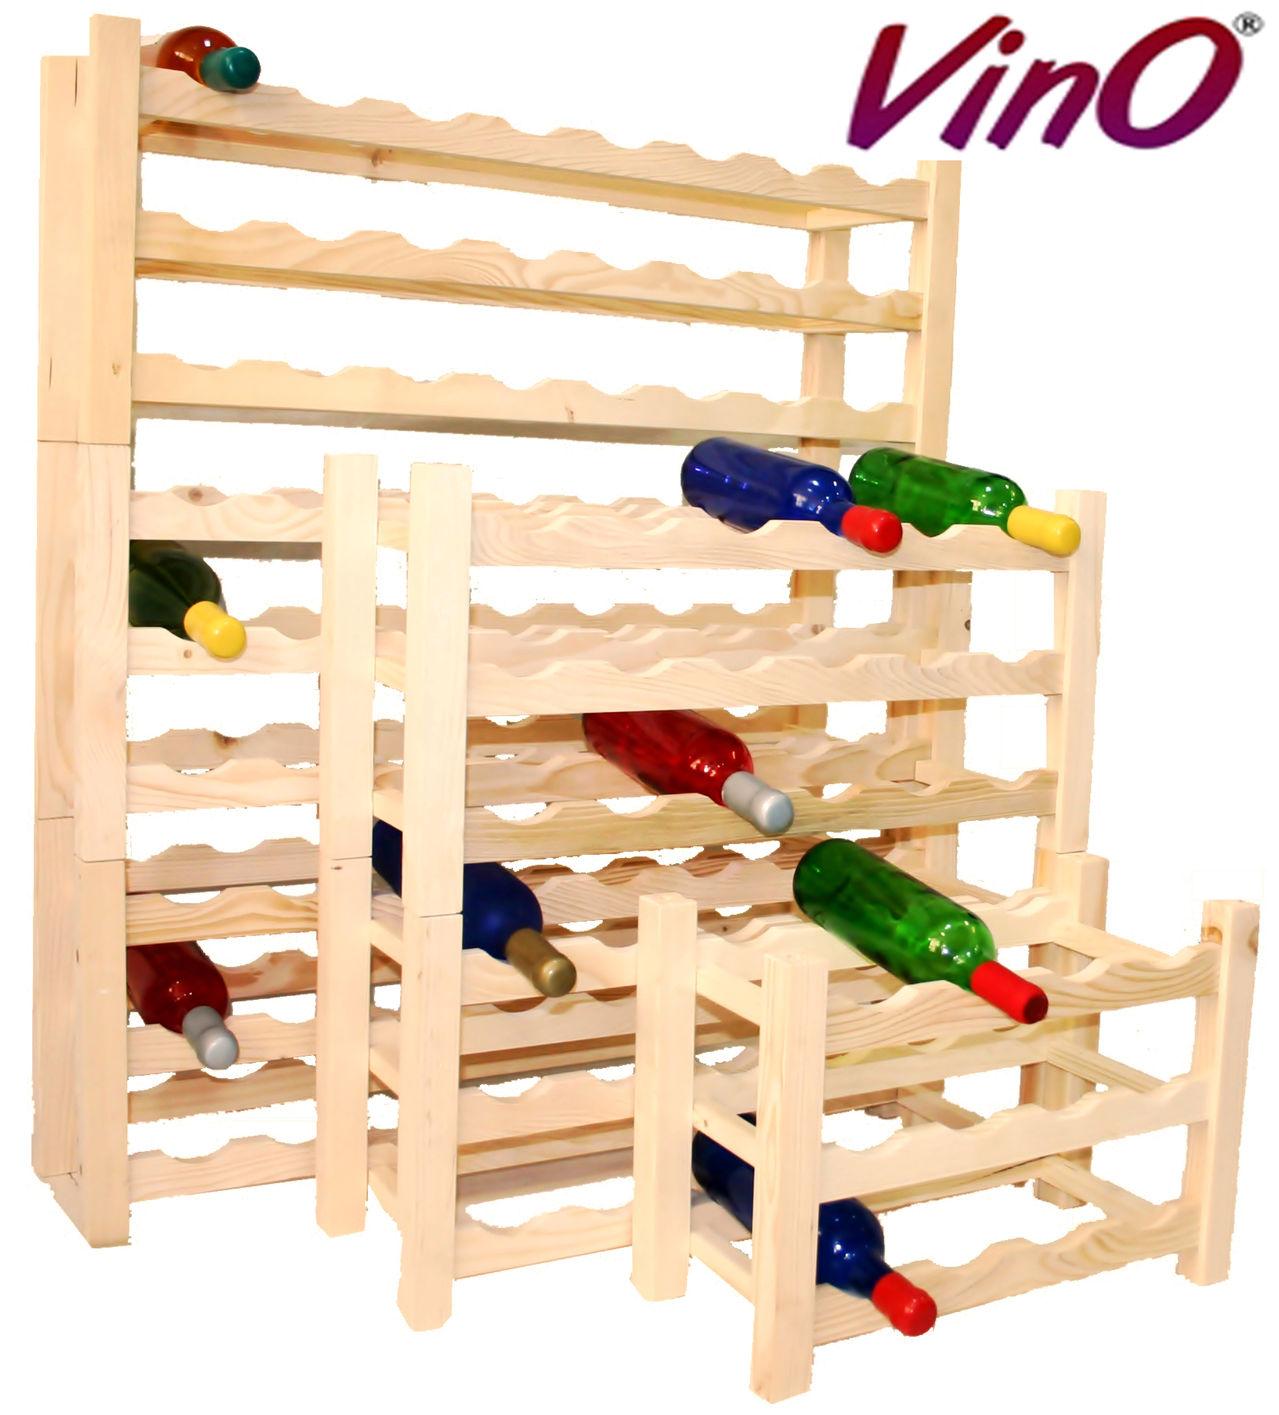 rafturi din lemn pentru vin VinO